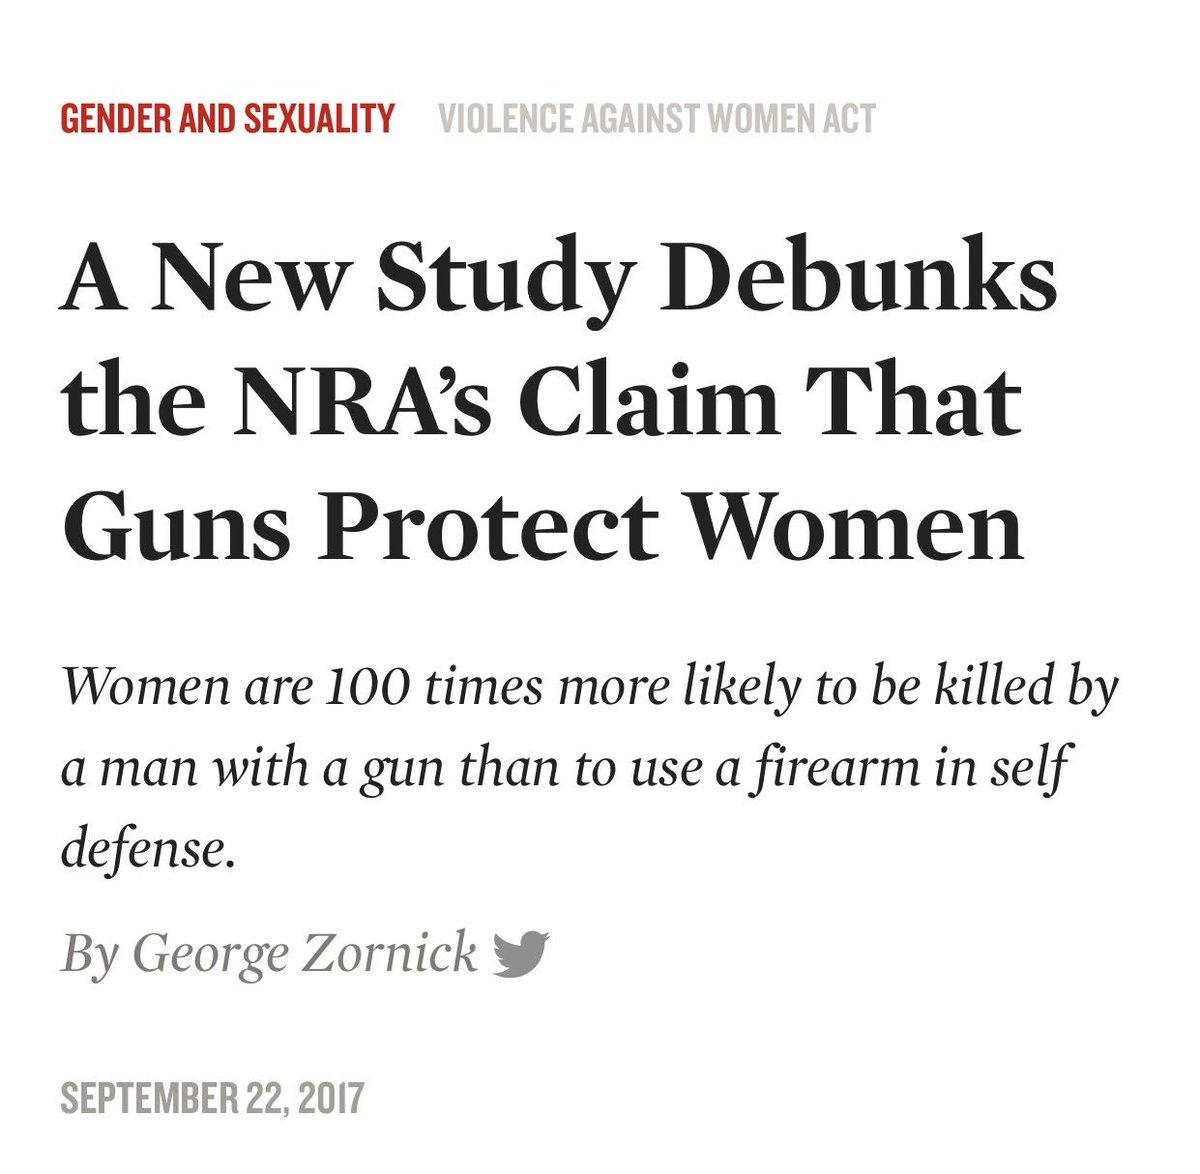 Estudo COMPROVOU que uma mulher com uma arma de fogo em casa tem 100 vezes mais chances de morrer pelo companheiro do que usá-la para defesa pessoal.  100 vezes mais chances de morrer.  Cem vezes.   https://t.co/aVsKnd0Oct